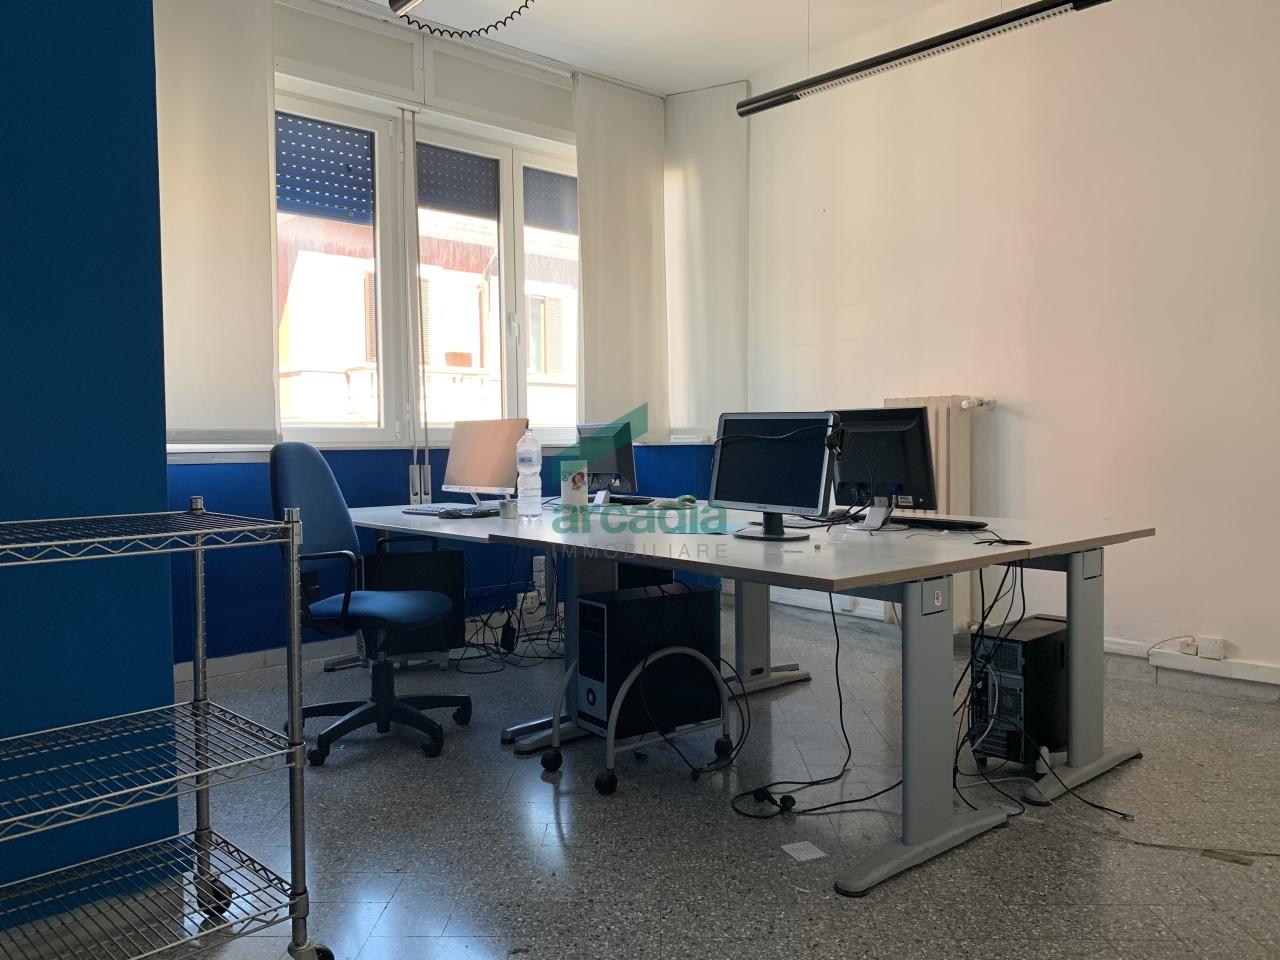 Ufficio - oltre pentalocale a Carrassi, Bari Rif. 10491894